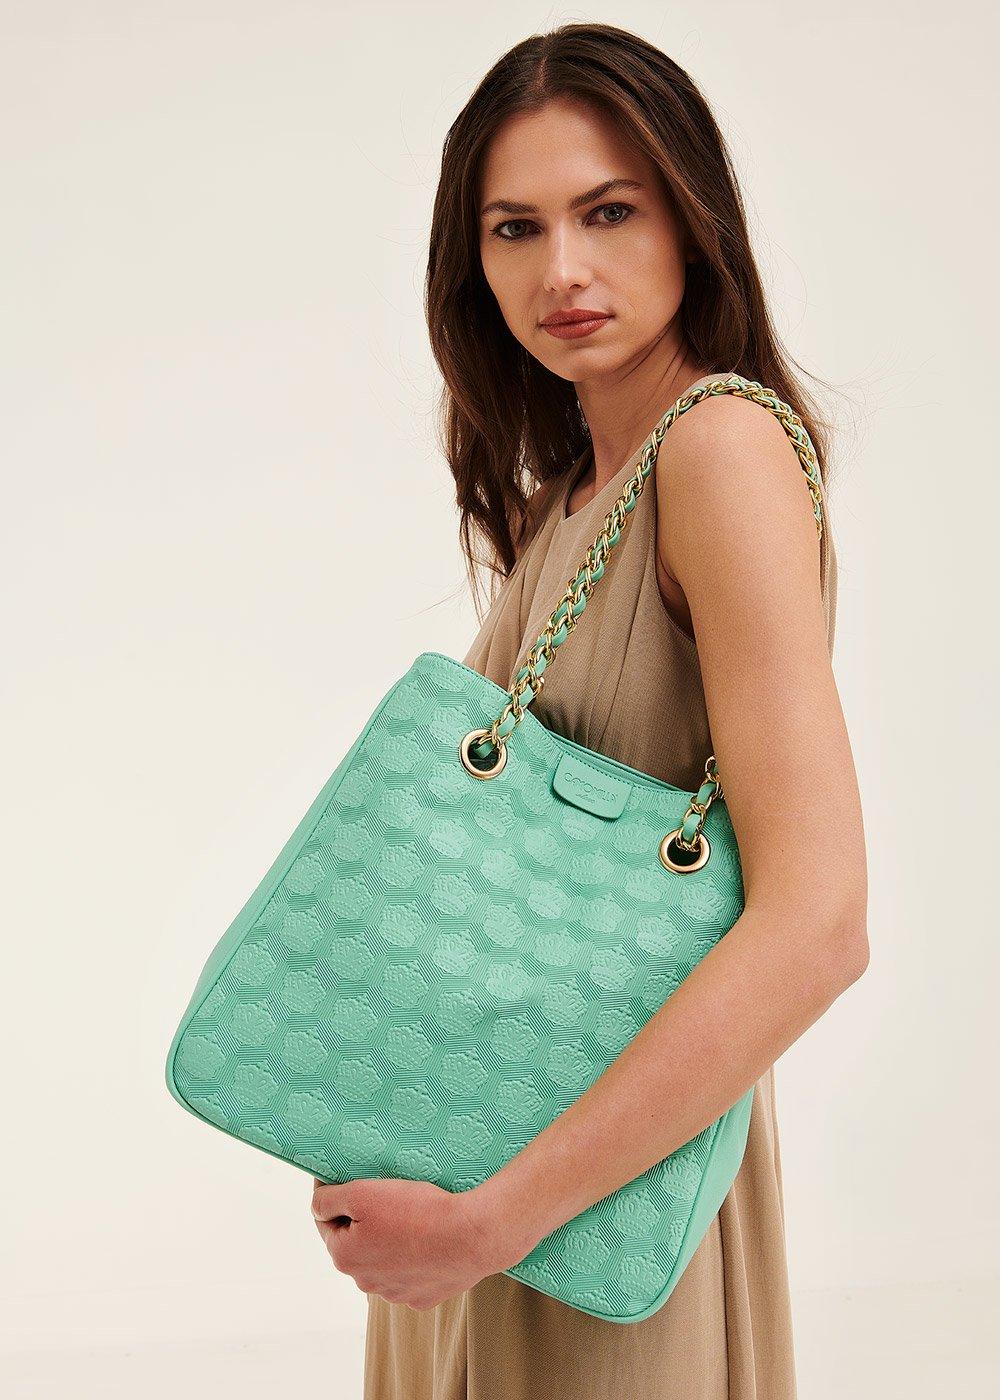 Shopping bag Bagsy con corone in rilievo - Smeraldo - Donna